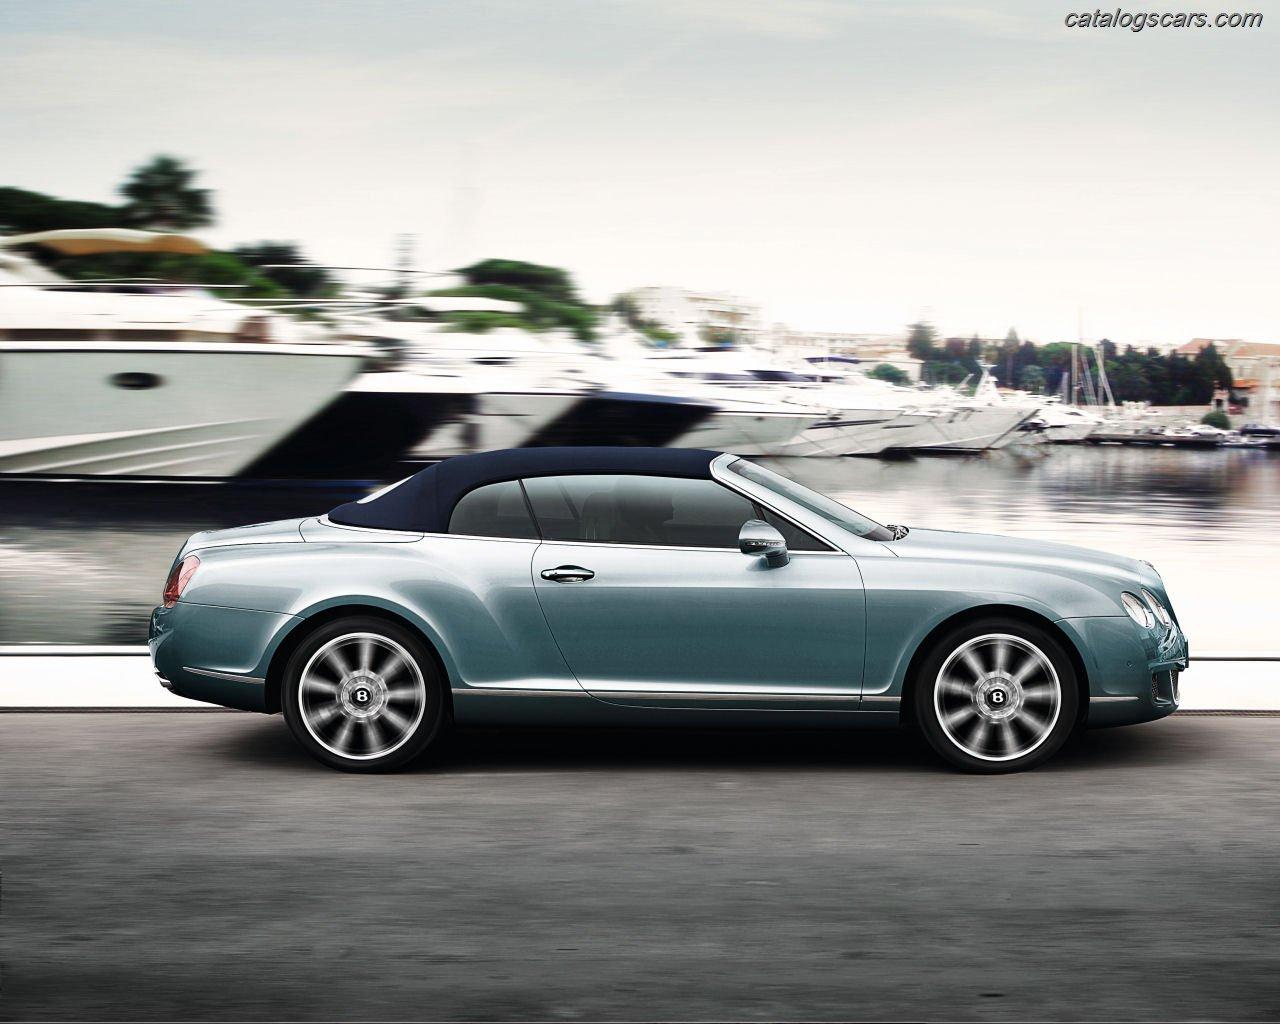 صور سيارة بنتلى كونتيننتال جى تى سى 2012 - اجمل خلفيات صور عربية بنتلى كونتيننتال جى تى سى 2012 - Bentley Continental Gtc Photos Bentley-Continental-Gtc-2011-05.jpg